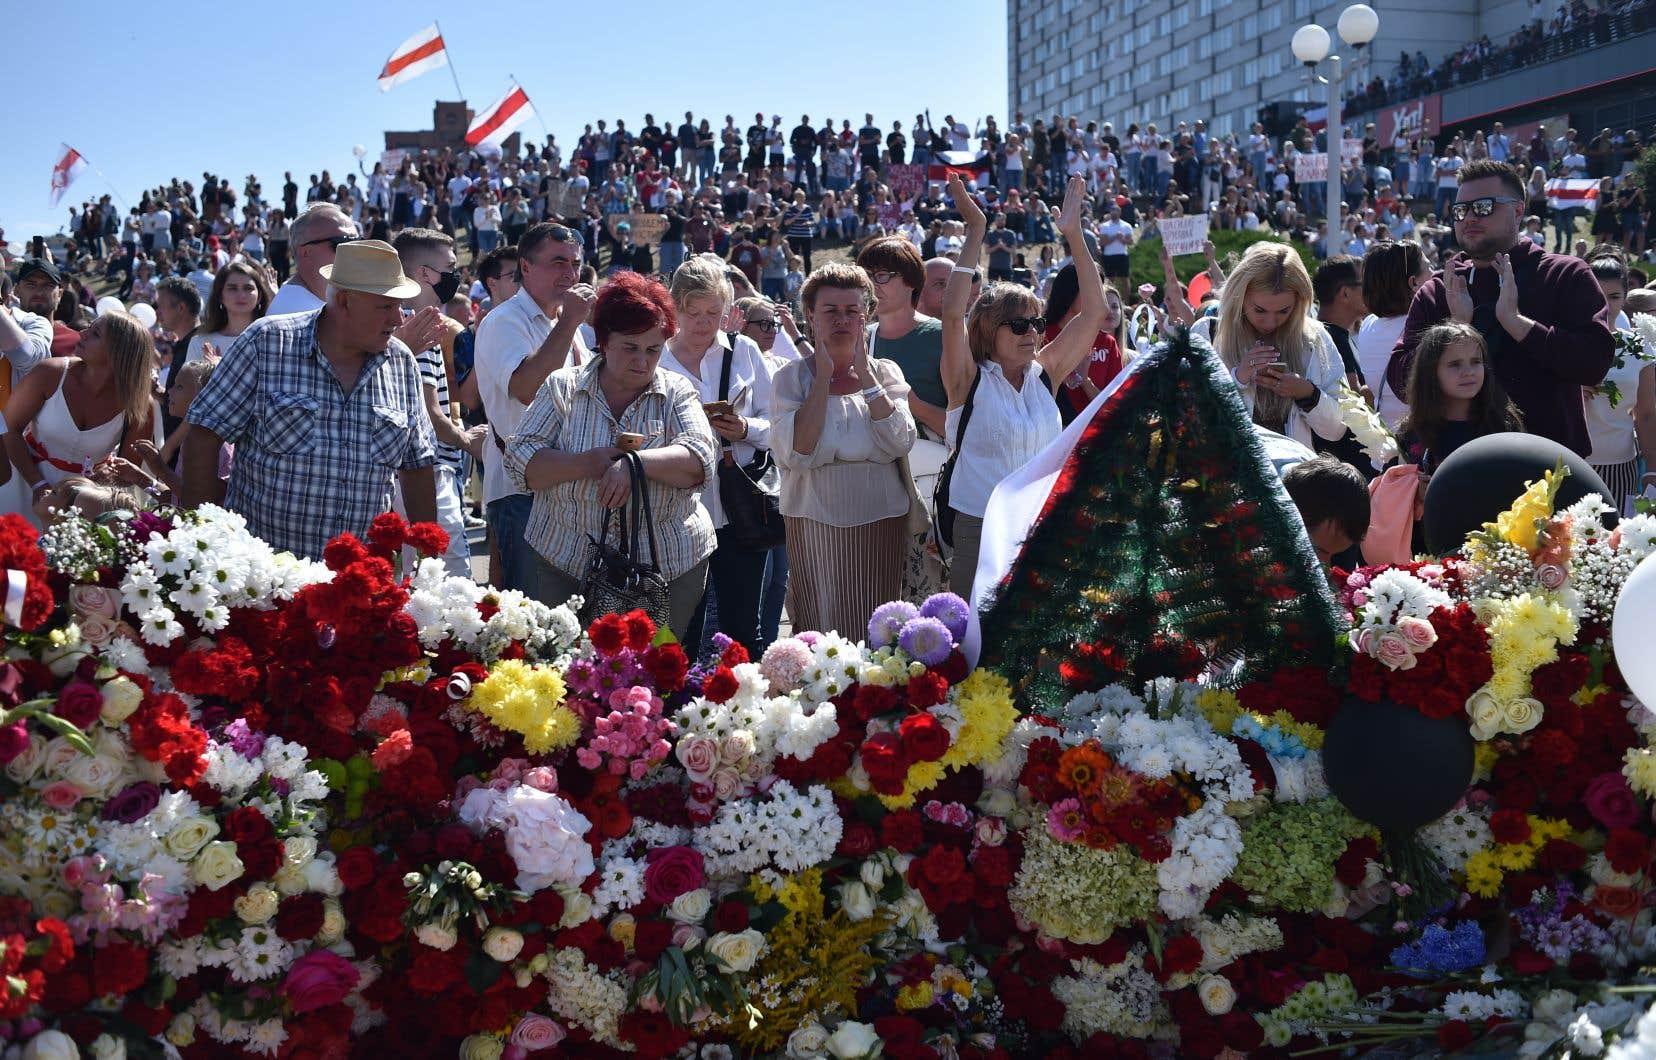 Des milliers de personnes se sont réunies samedi autour de la station de métro Pouchkinskaïa, à l'ouest de la capitale, pour rendre hommage à Alexander Taraikovsky, un homme de 34 ans ayant trouvé la mort à proximité lors d'une manifestation lundi dernier.